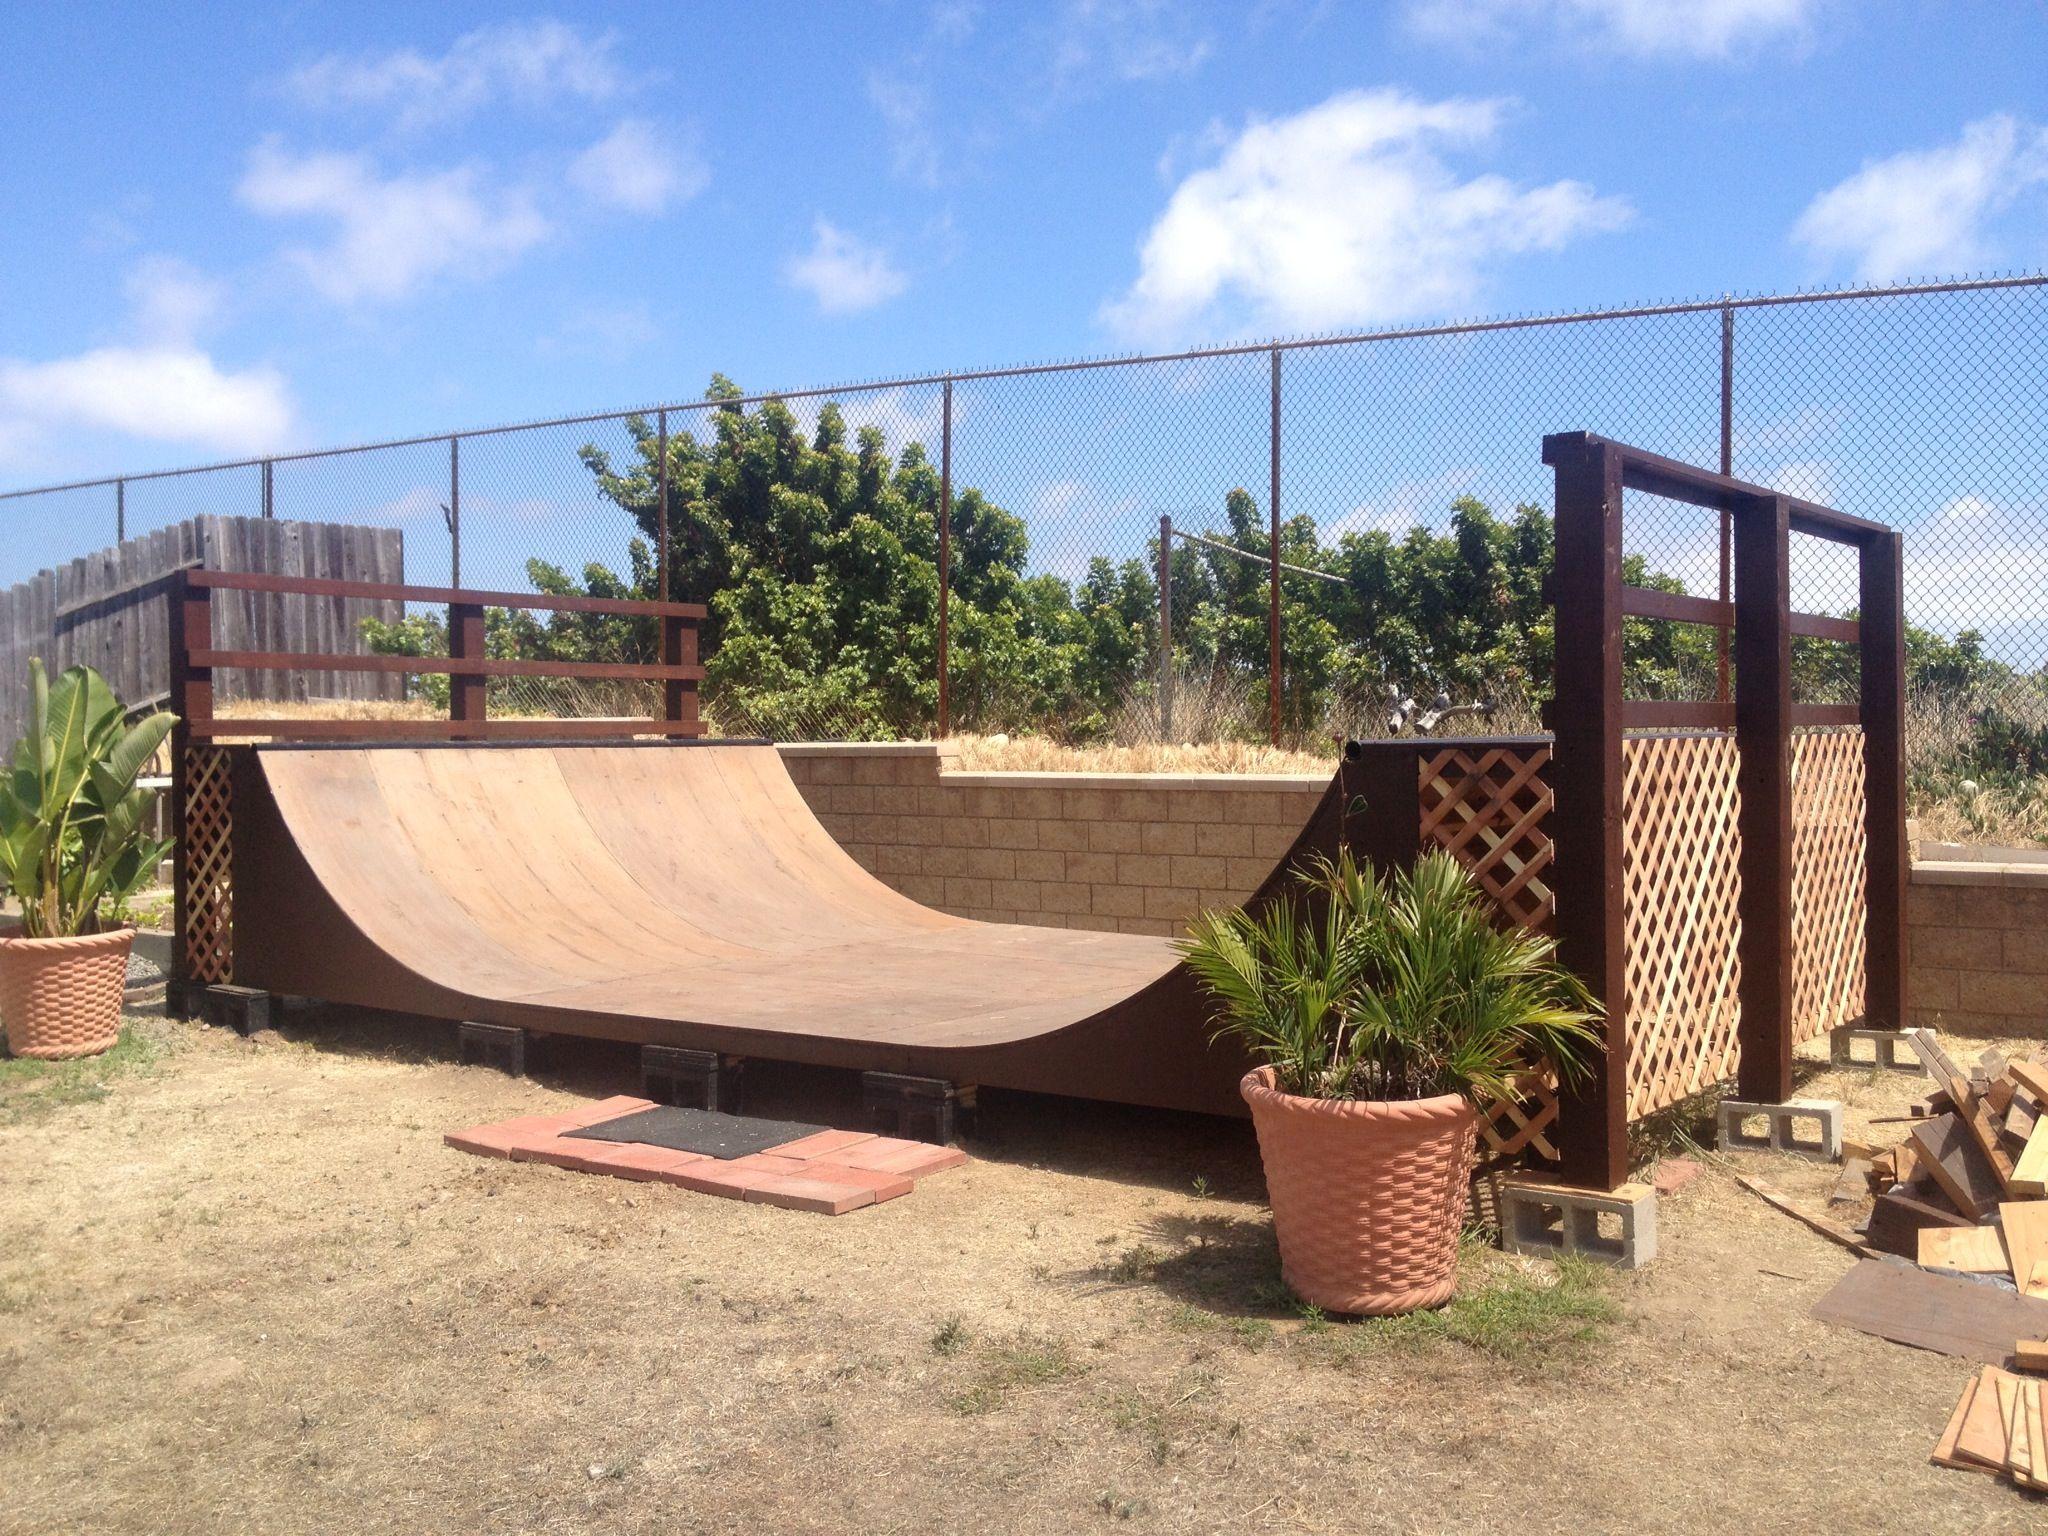 diy half pipe ramp skatboarding pinterest skateboard mini